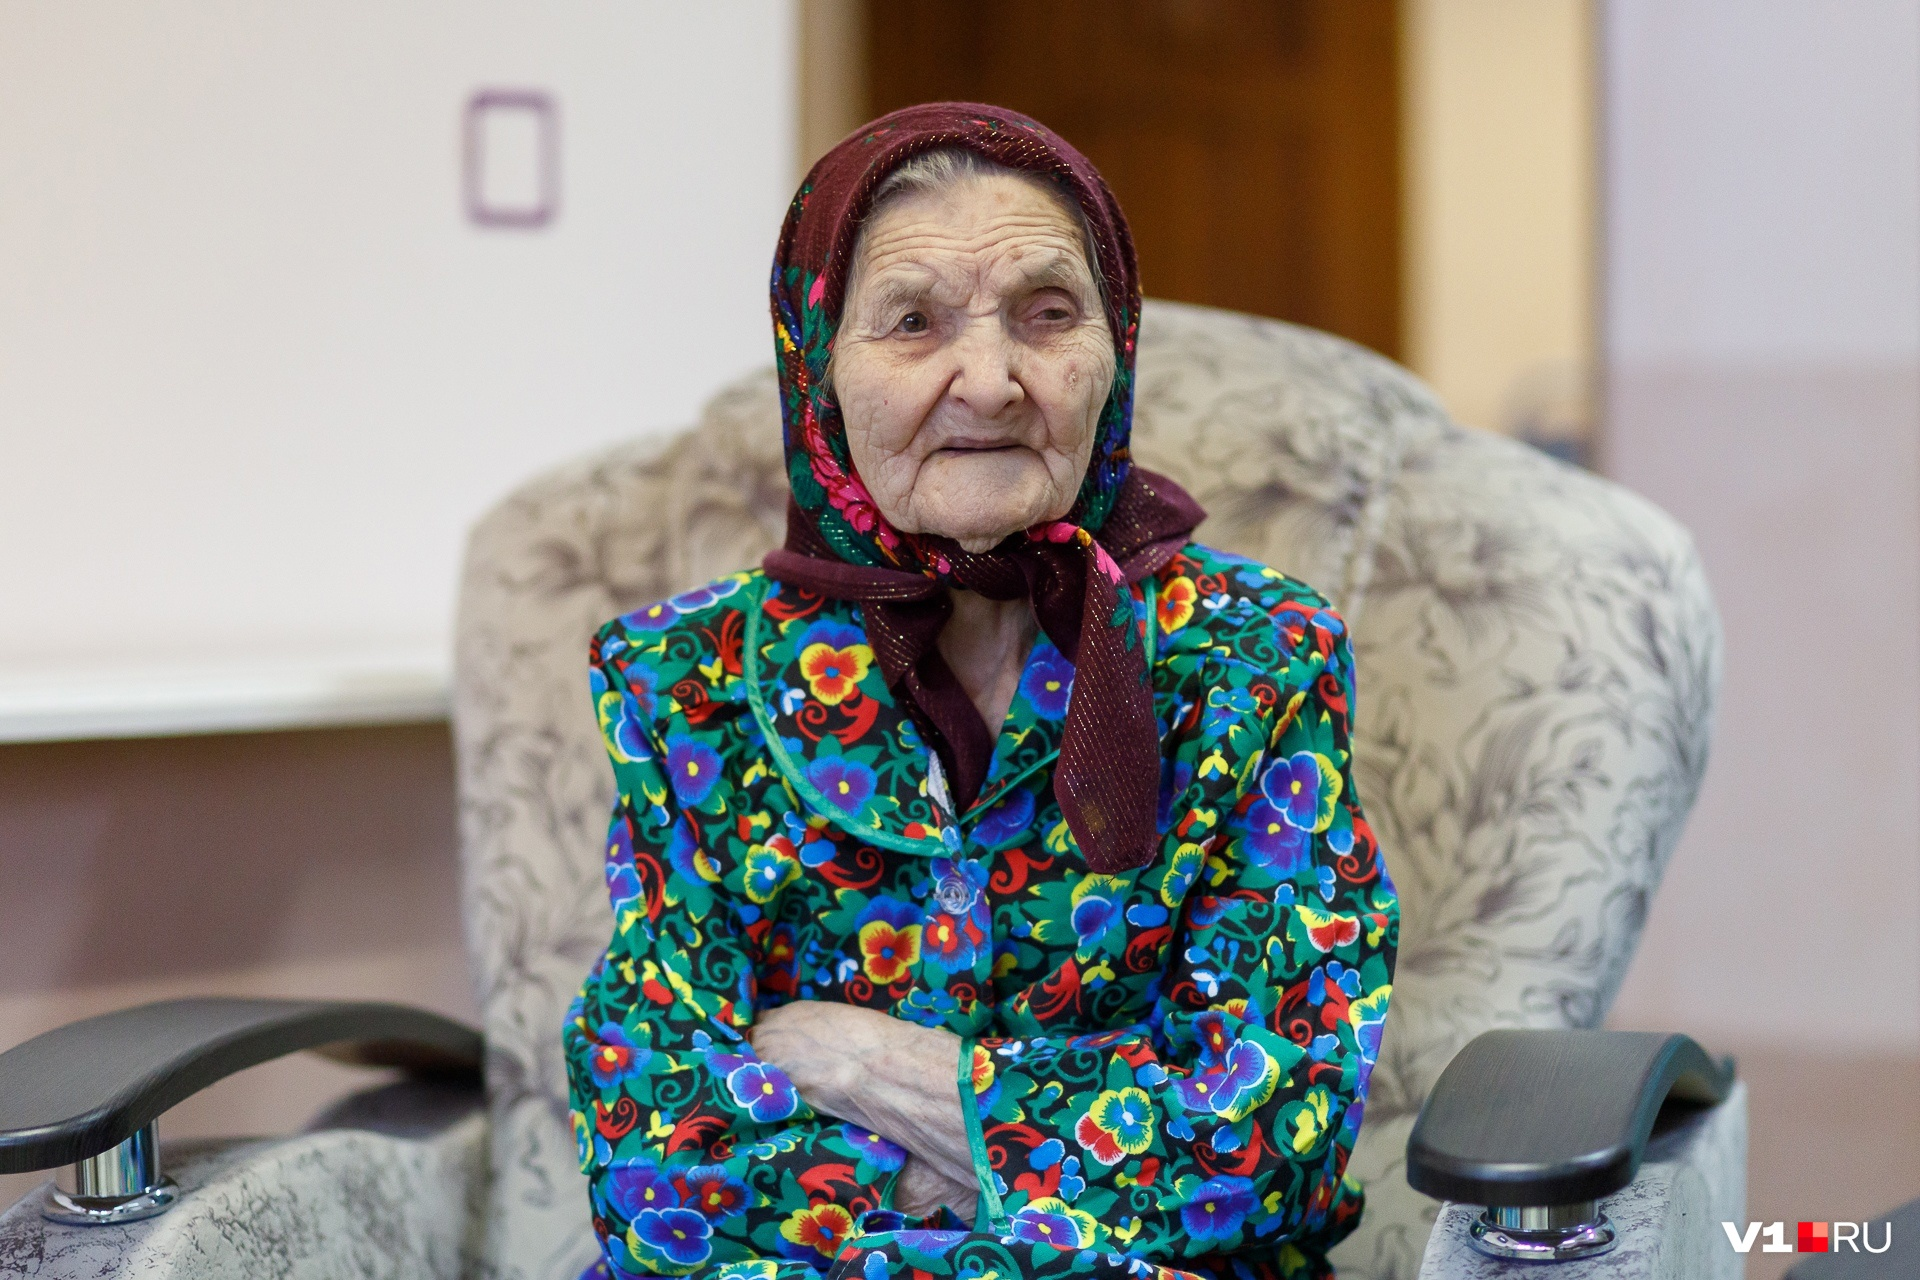 Елизавета Бойкова в 106 лет прошла полный курс вакцинации